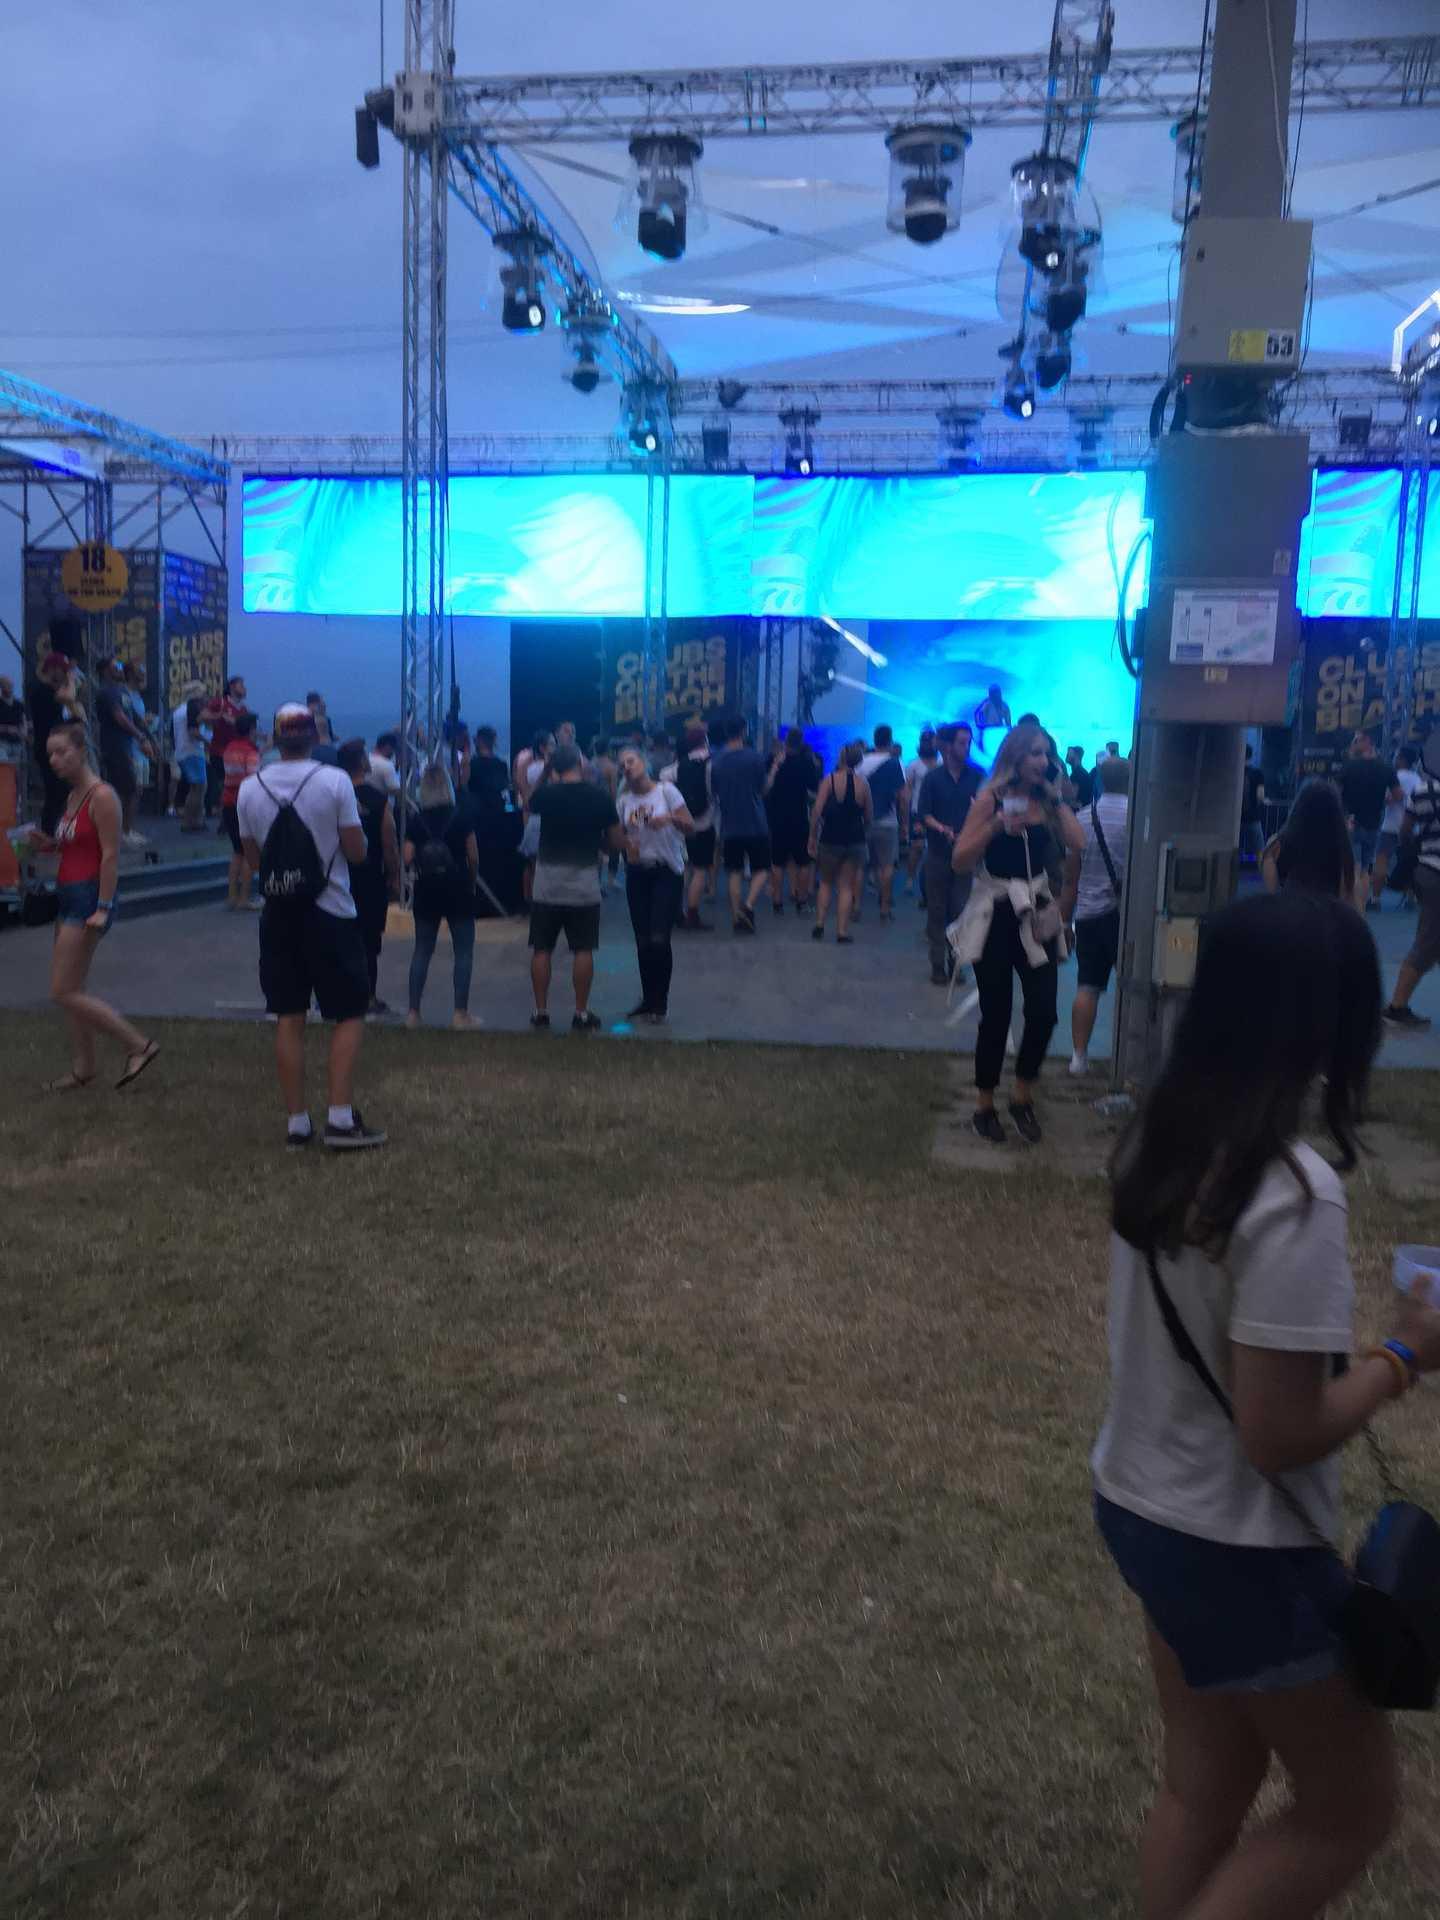 Clubs On the Beach stagenél a még kicsi tömeg élvezi a Watergate Club zenei világát